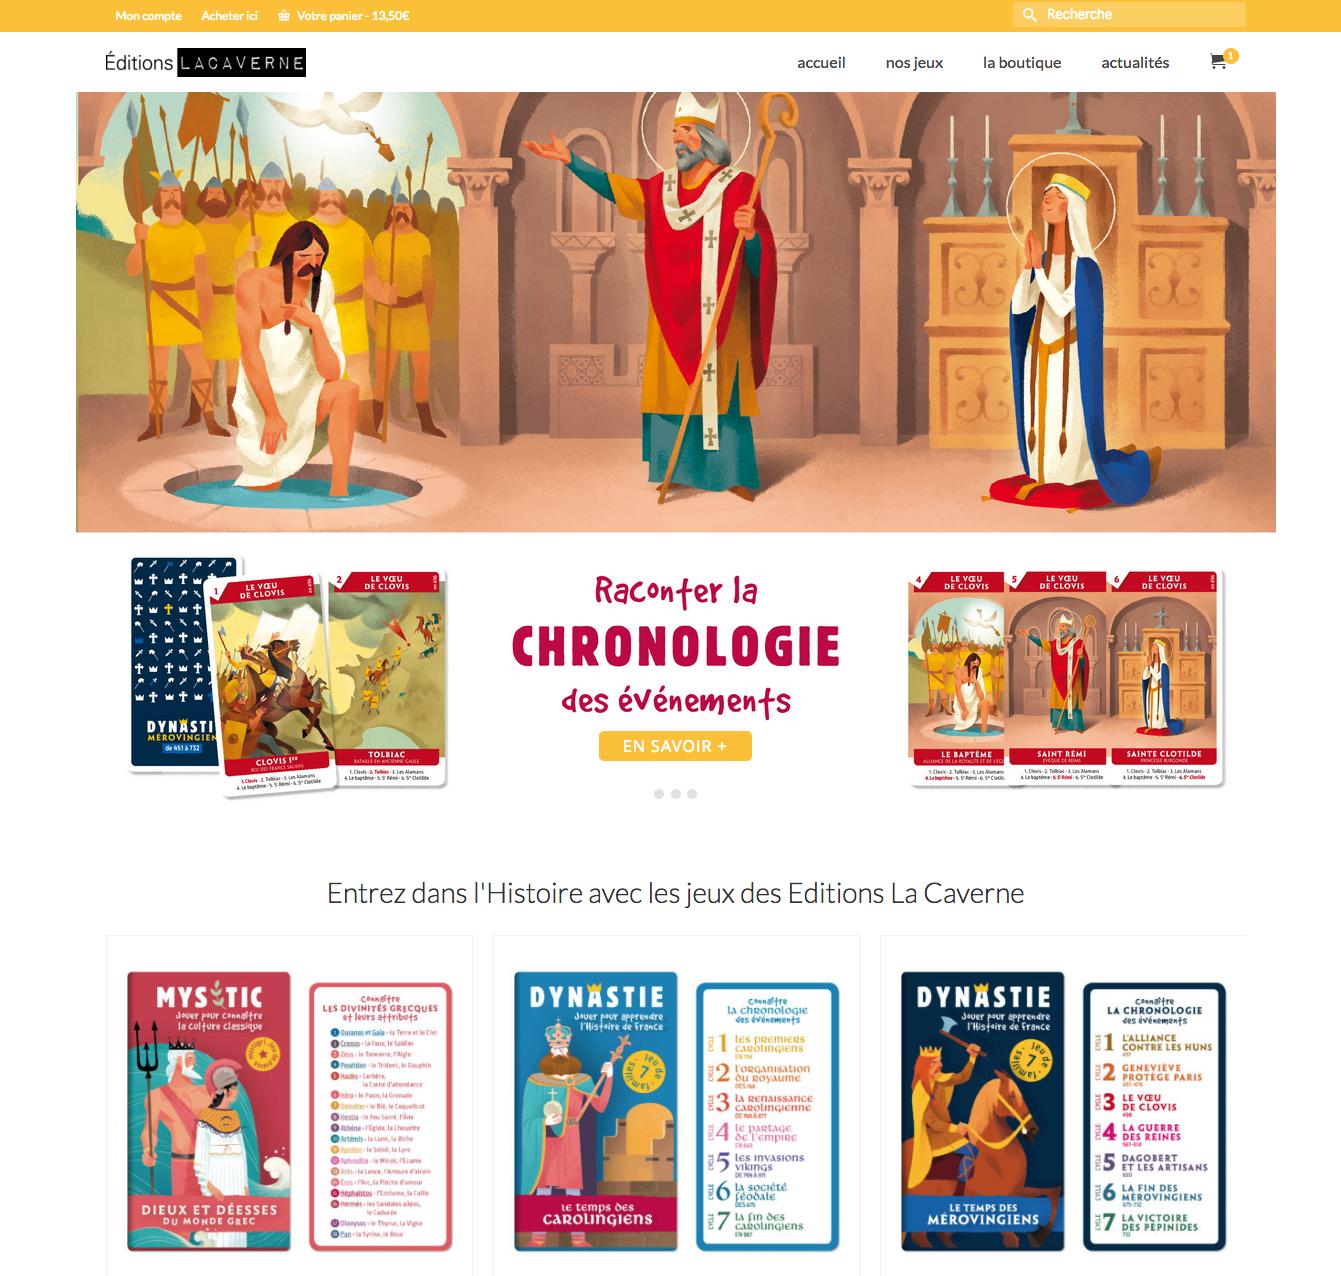 acheter les jeux de cartes dynatie et mystic sur l'histoire de France et la culture classique